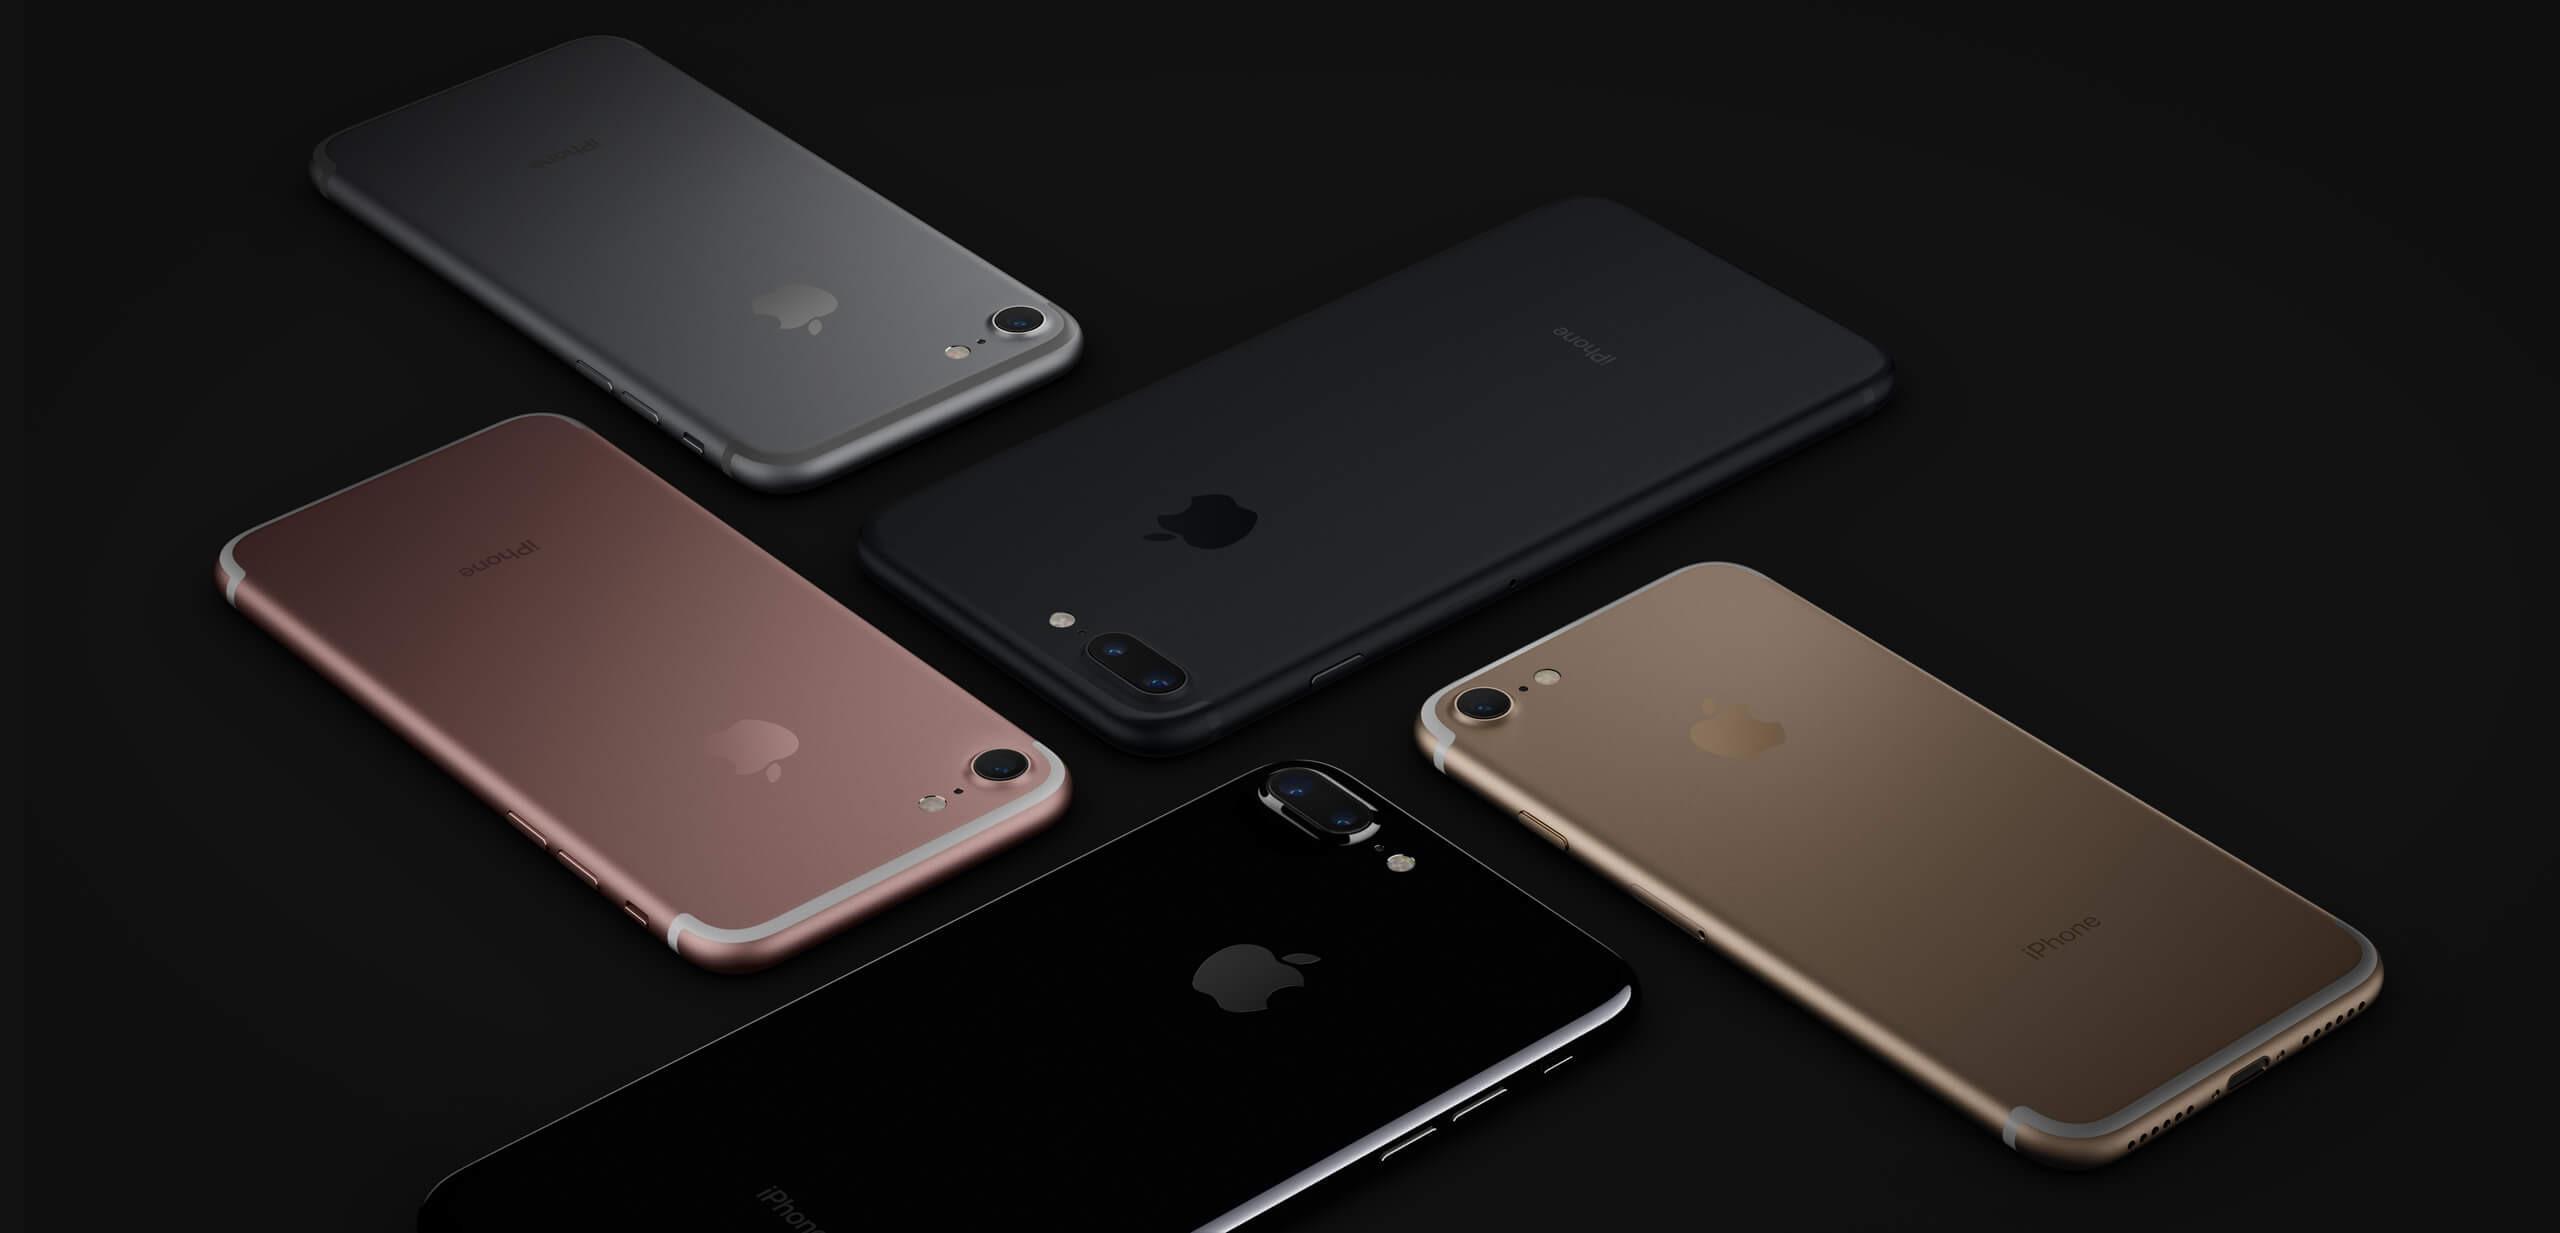 Cách khắc phục màn hình iPhone 7 bị tối